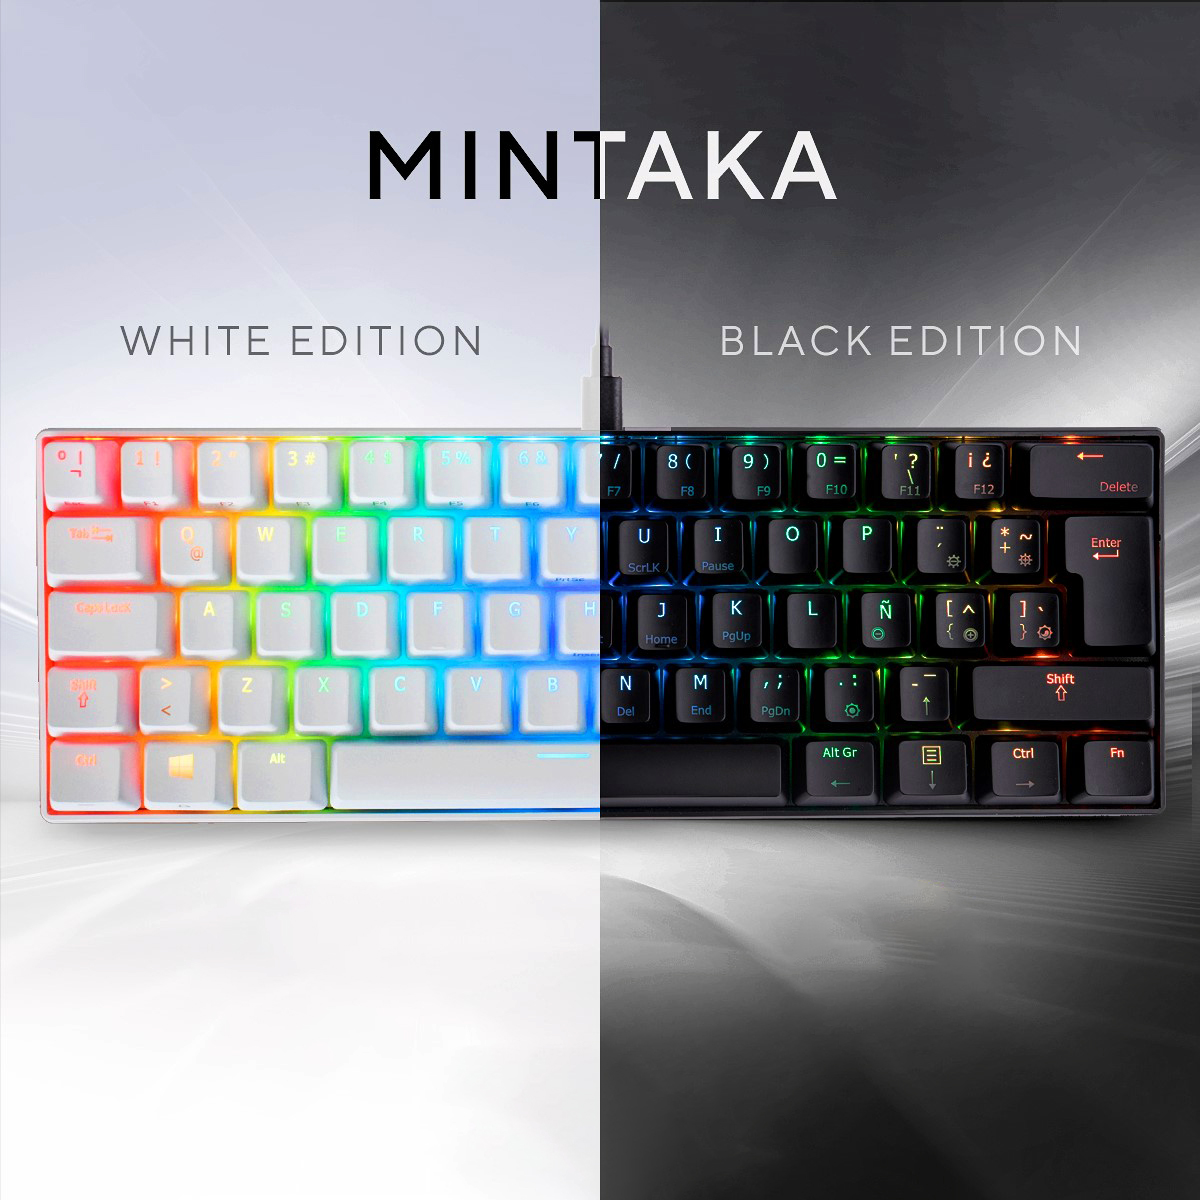 TECLADO MINTAKA MECANICO RGB - WHITE / BLACK